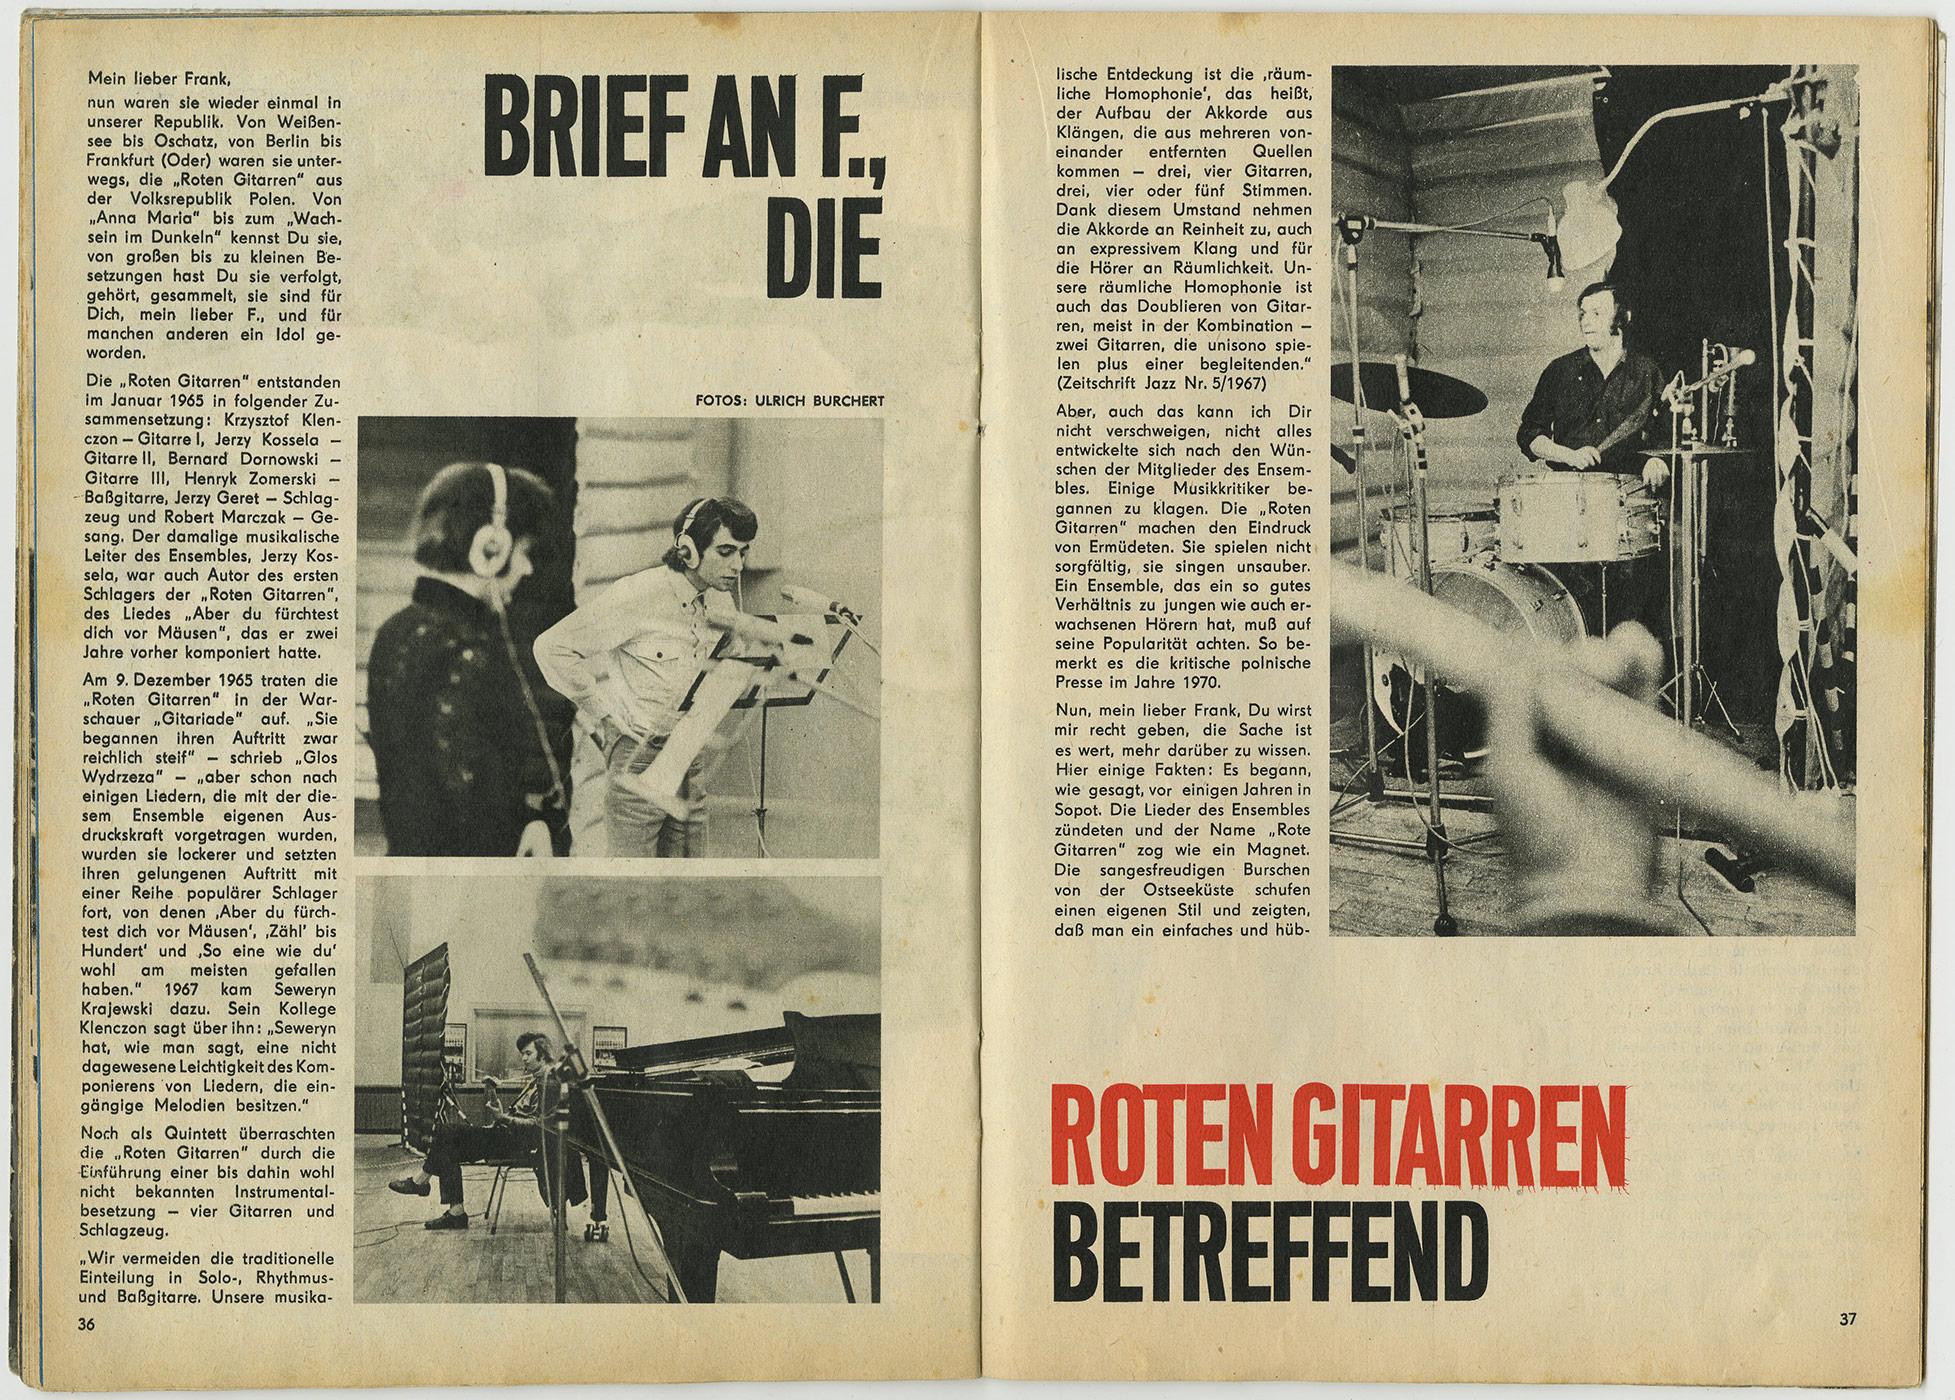 Rotte_Gitarren_neues_leben_1971_01